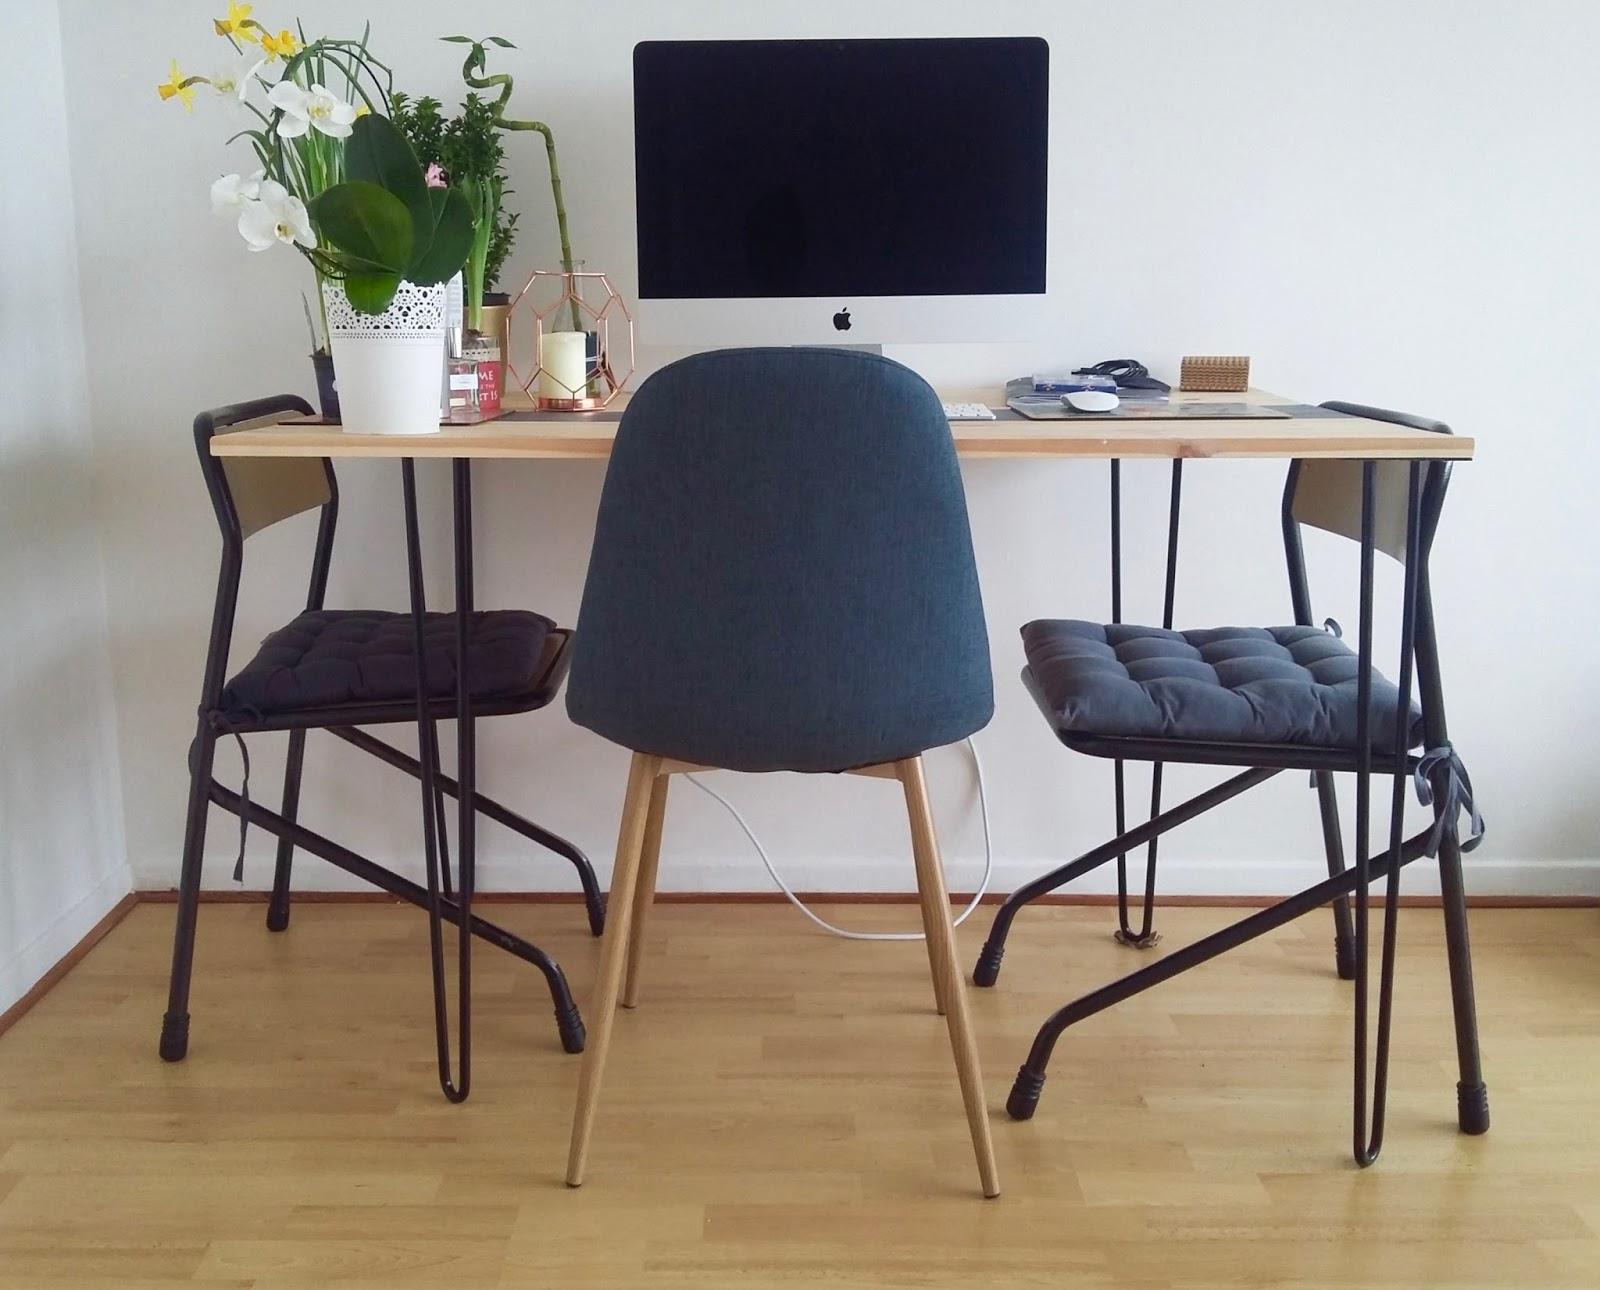 diy deco d fi 1 r aliser une table manger design pour 100 trop chic pas cher. Black Bedroom Furniture Sets. Home Design Ideas